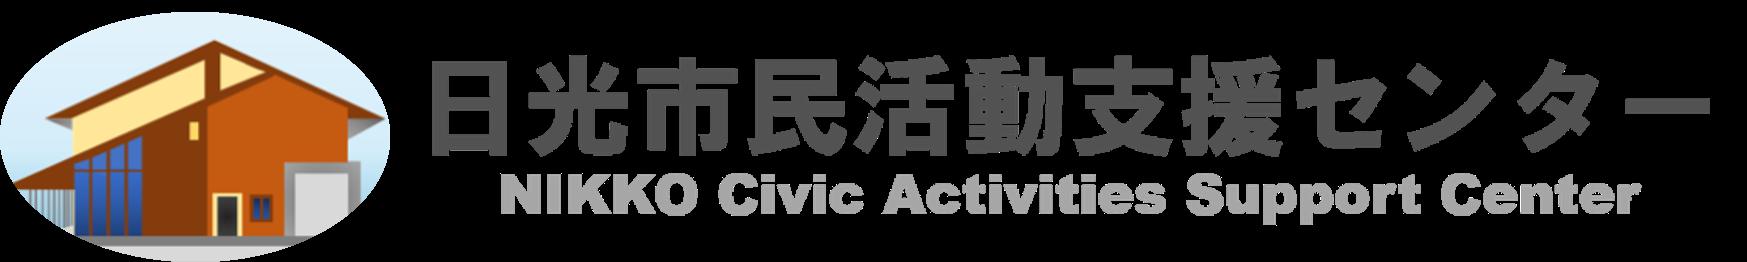 日光市民活動支援センター